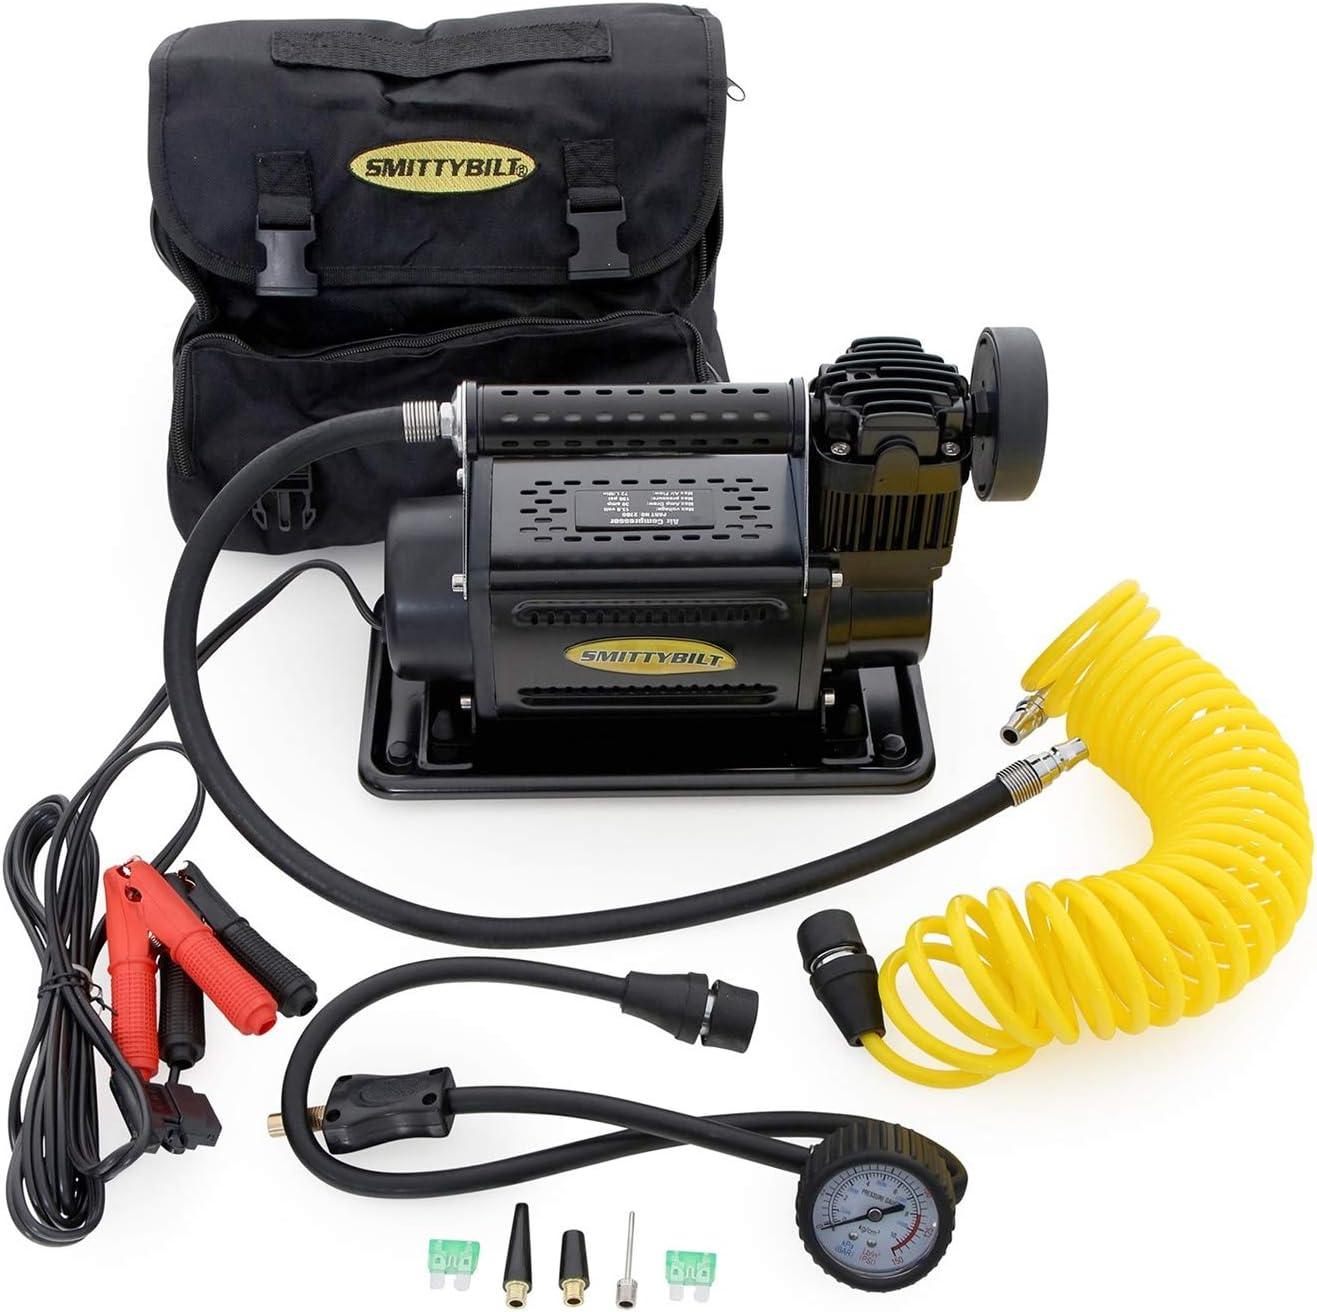 Smittybilt 2.54 CFM Air Compressor